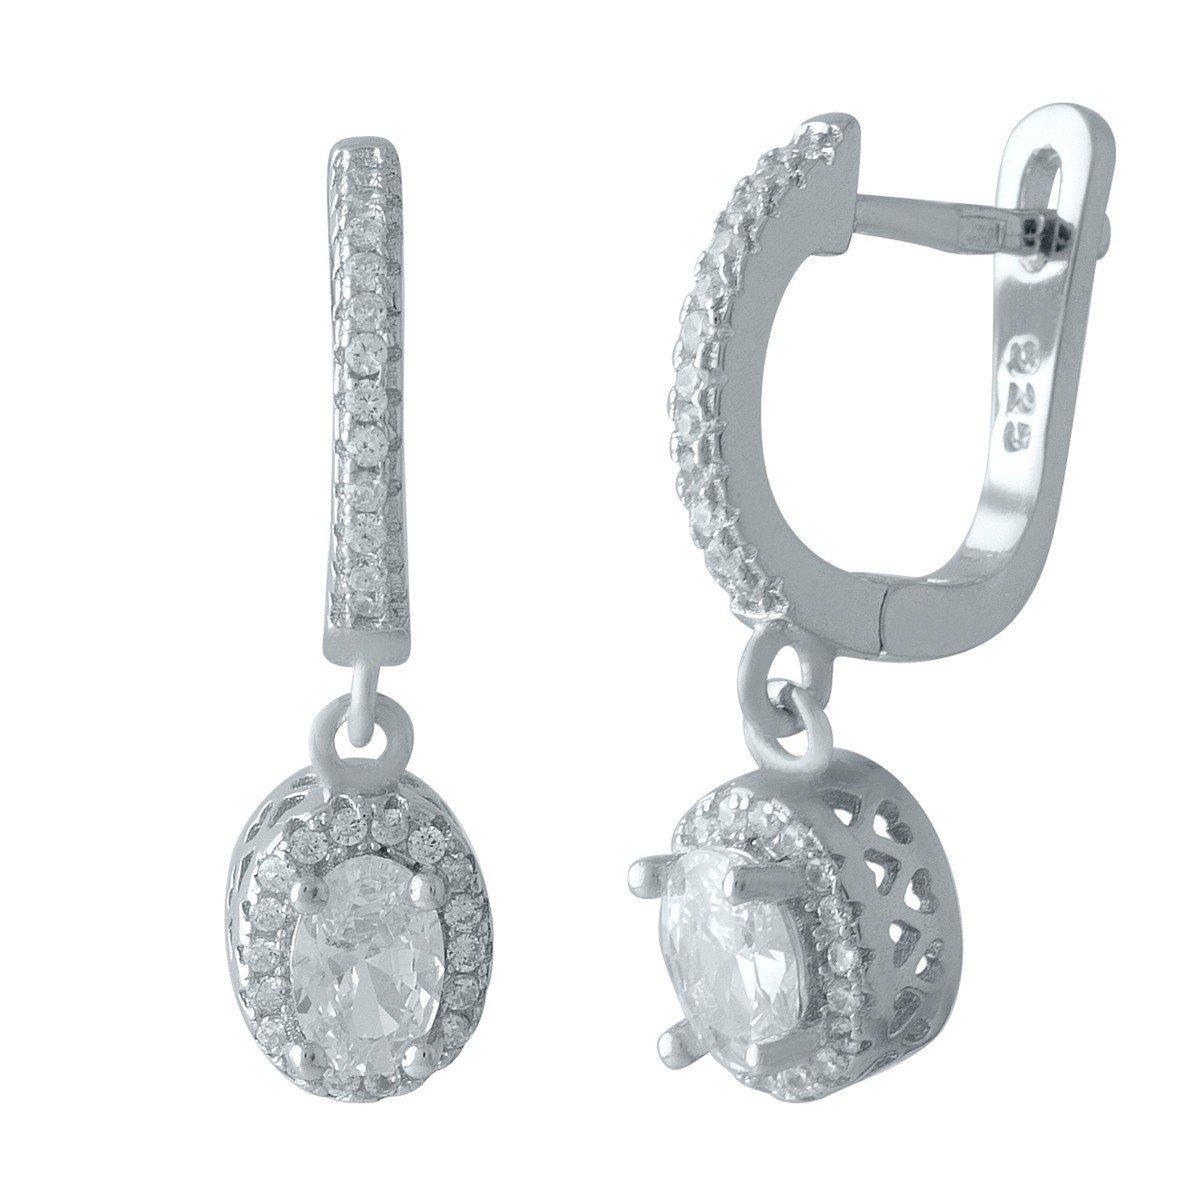 Серебряные серьги DreamJewelry с фианитами (2001744)